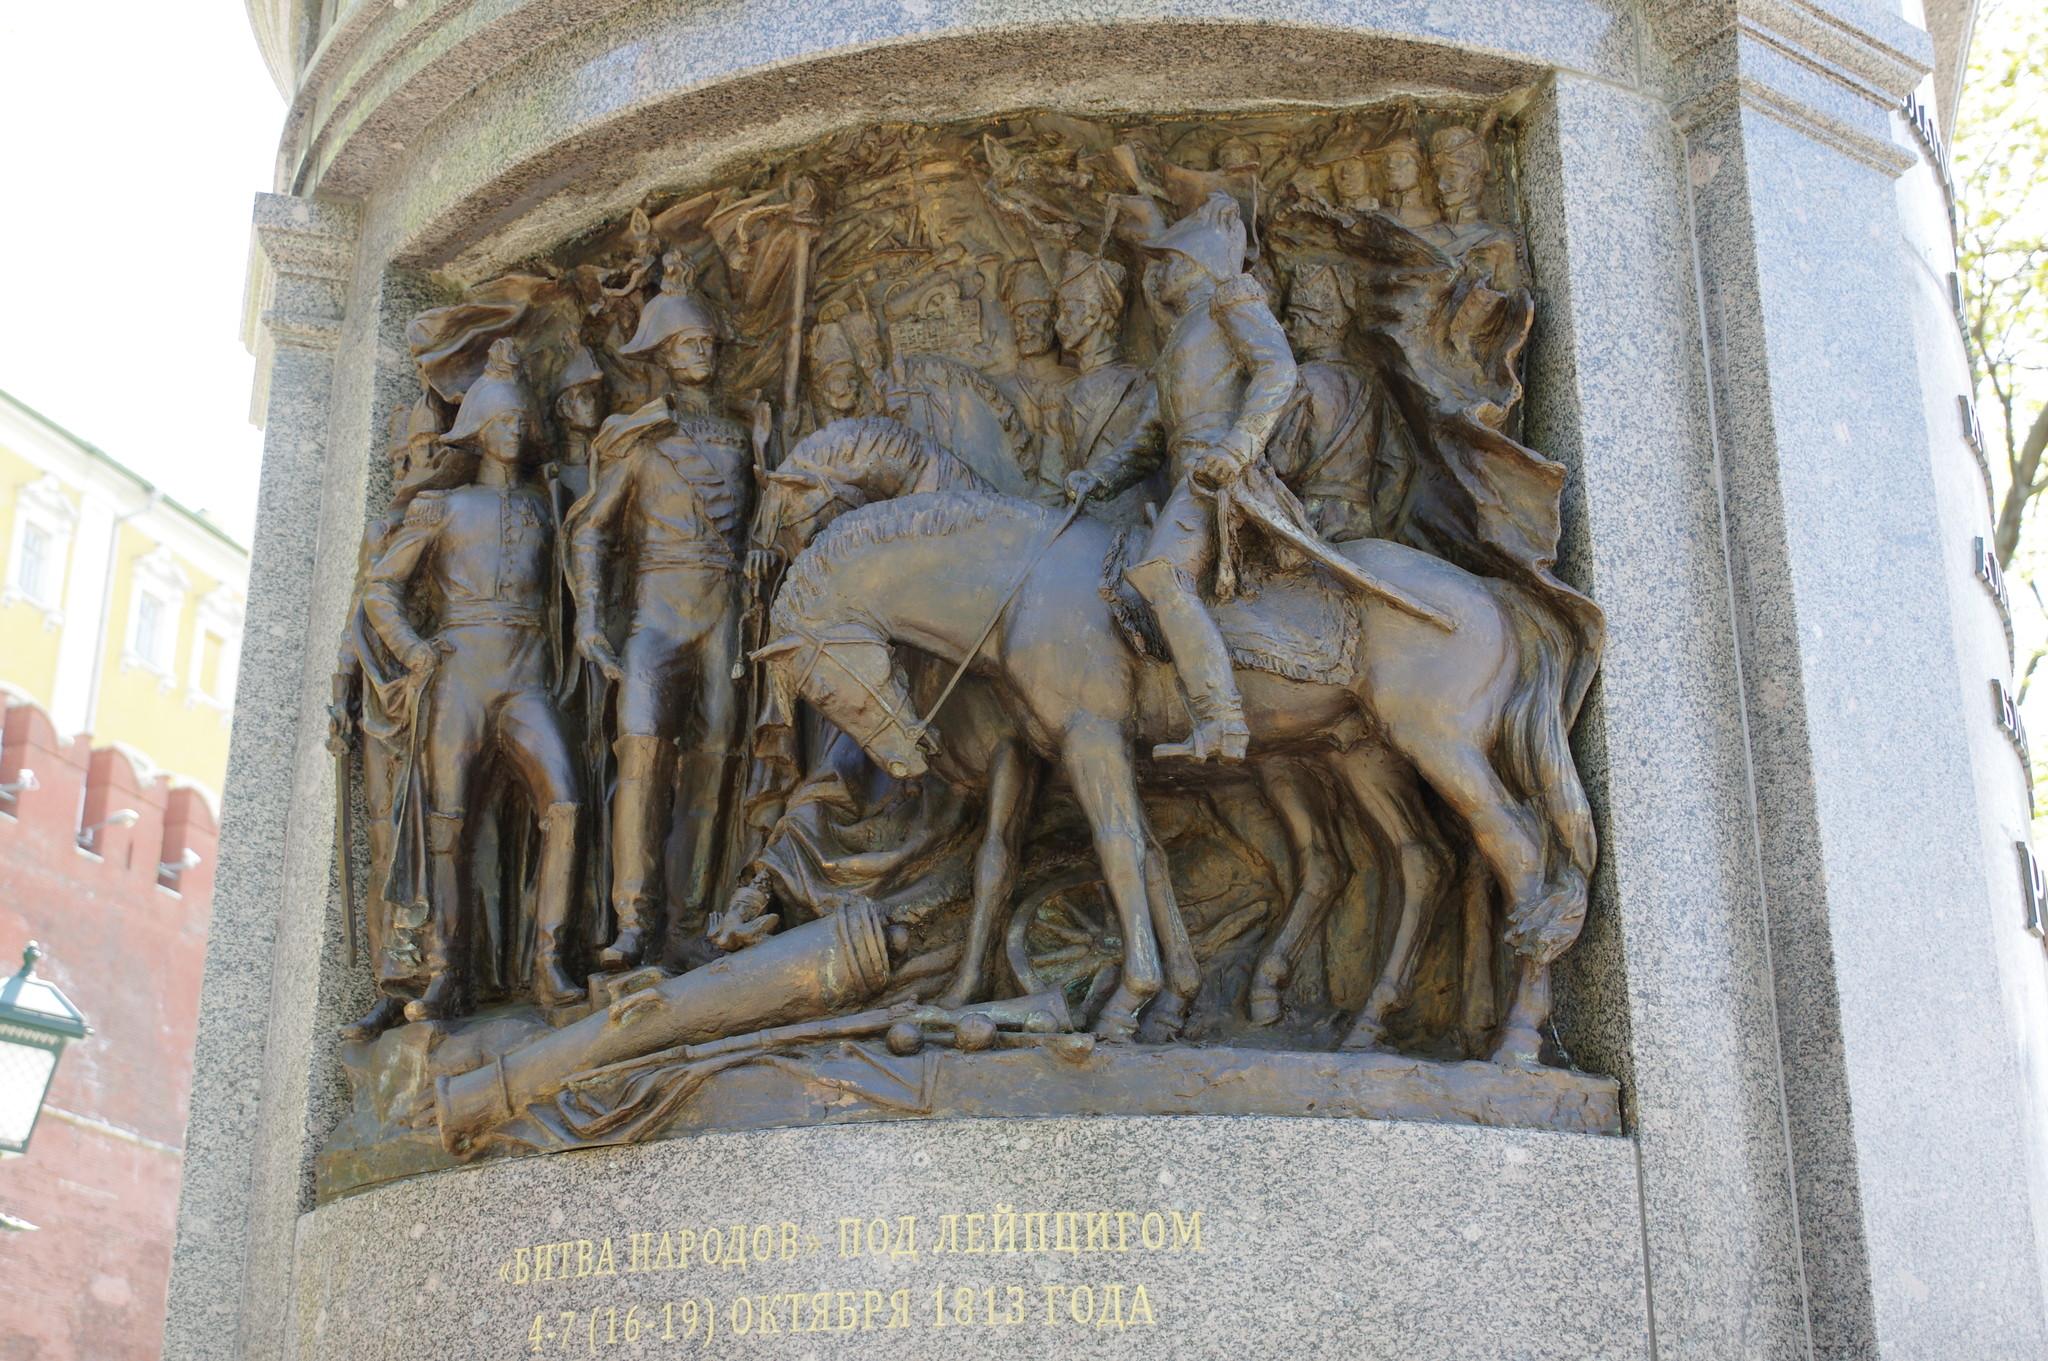 Памятник императору Александру I Павловичу в Александровском саду. «Битва народов» под Лейпцигом 4-7 (16-19) октября 1813 года